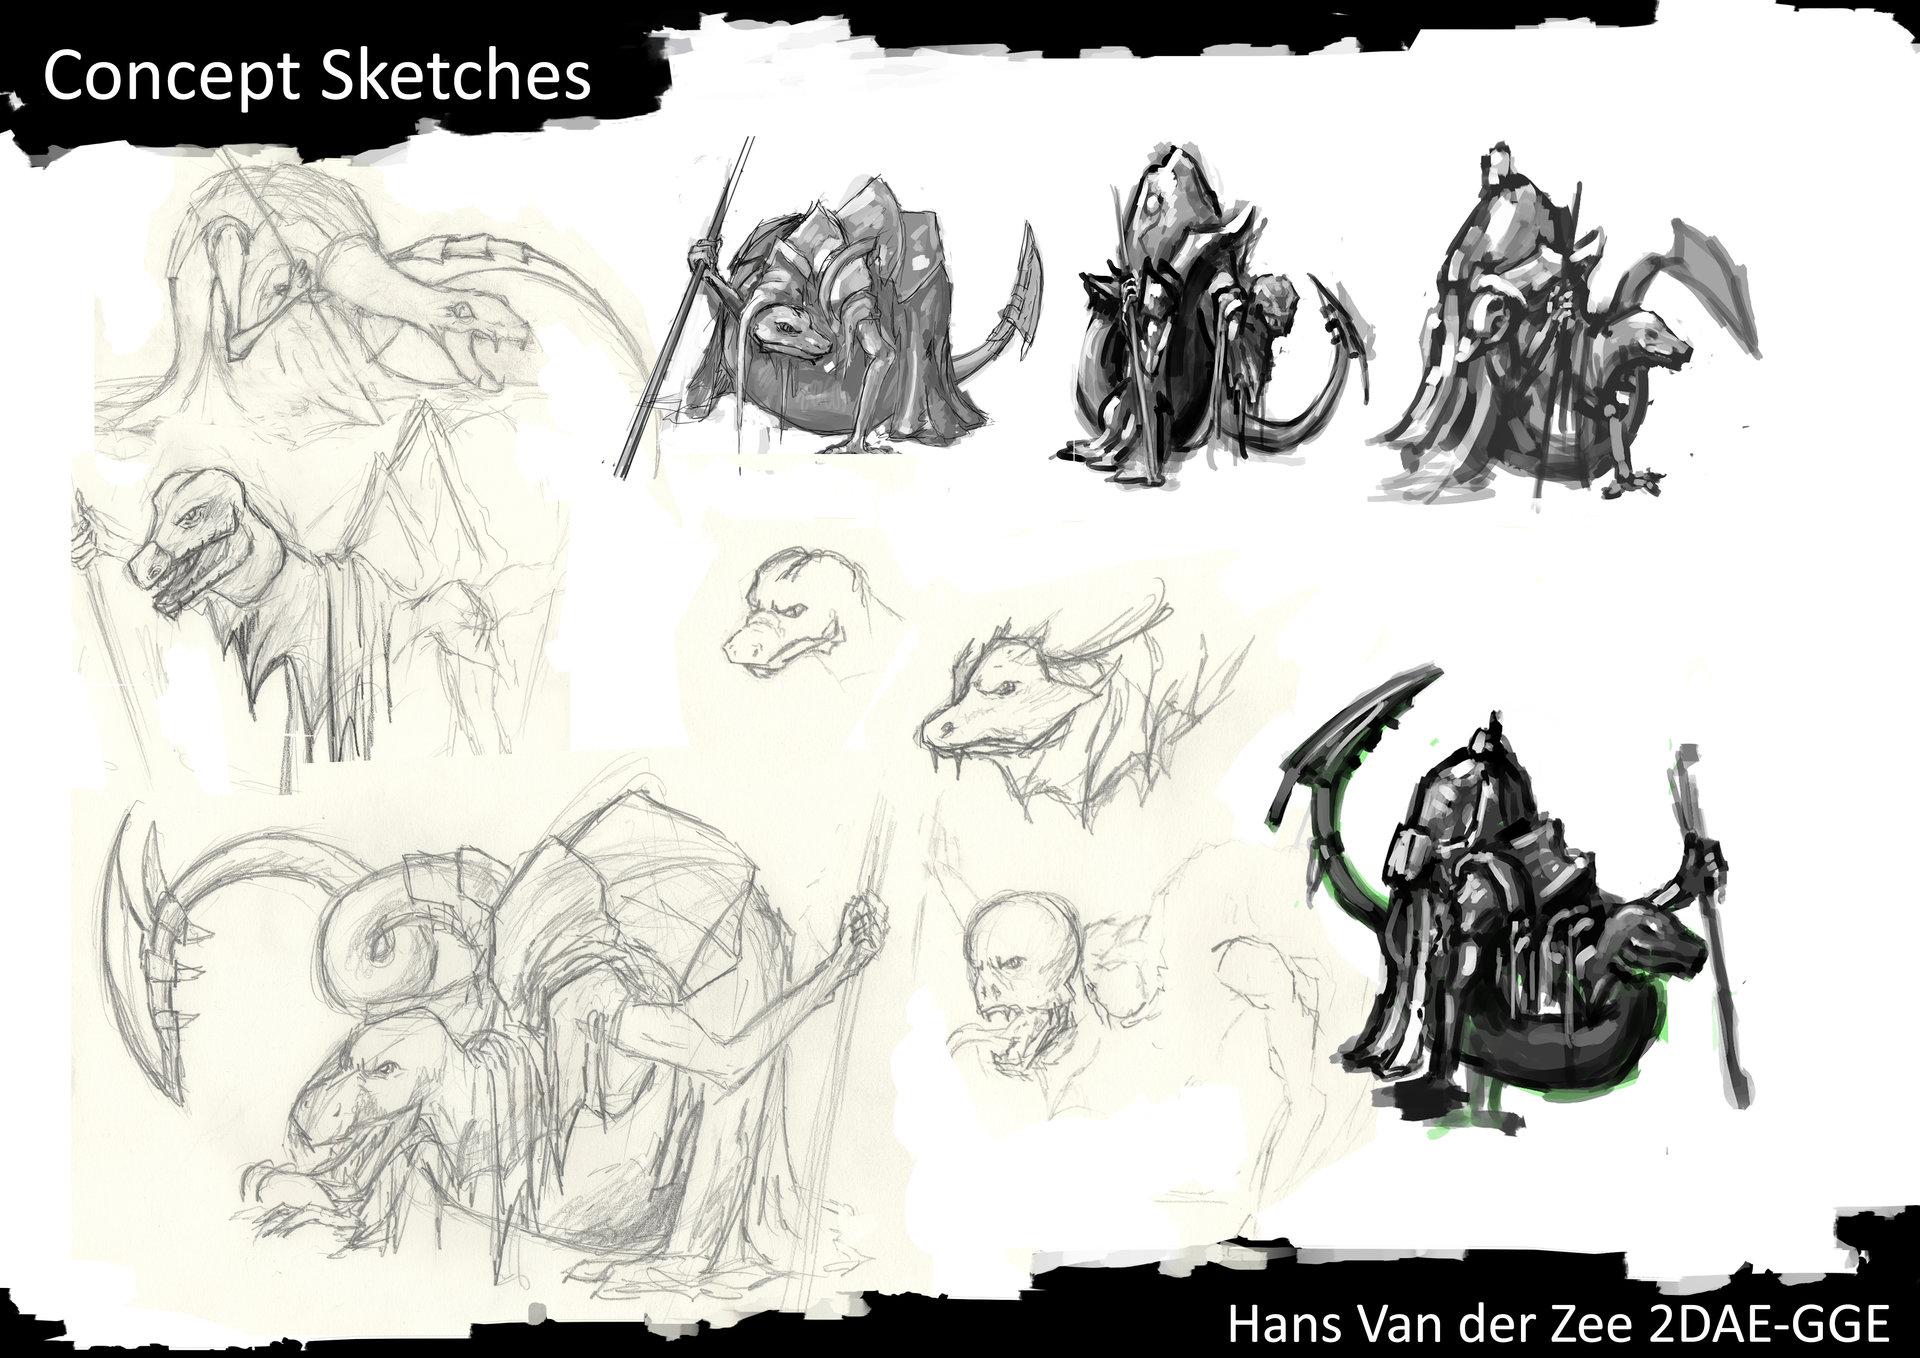 Hans van der zee 2dae van der zee hans exam concept sketches p2